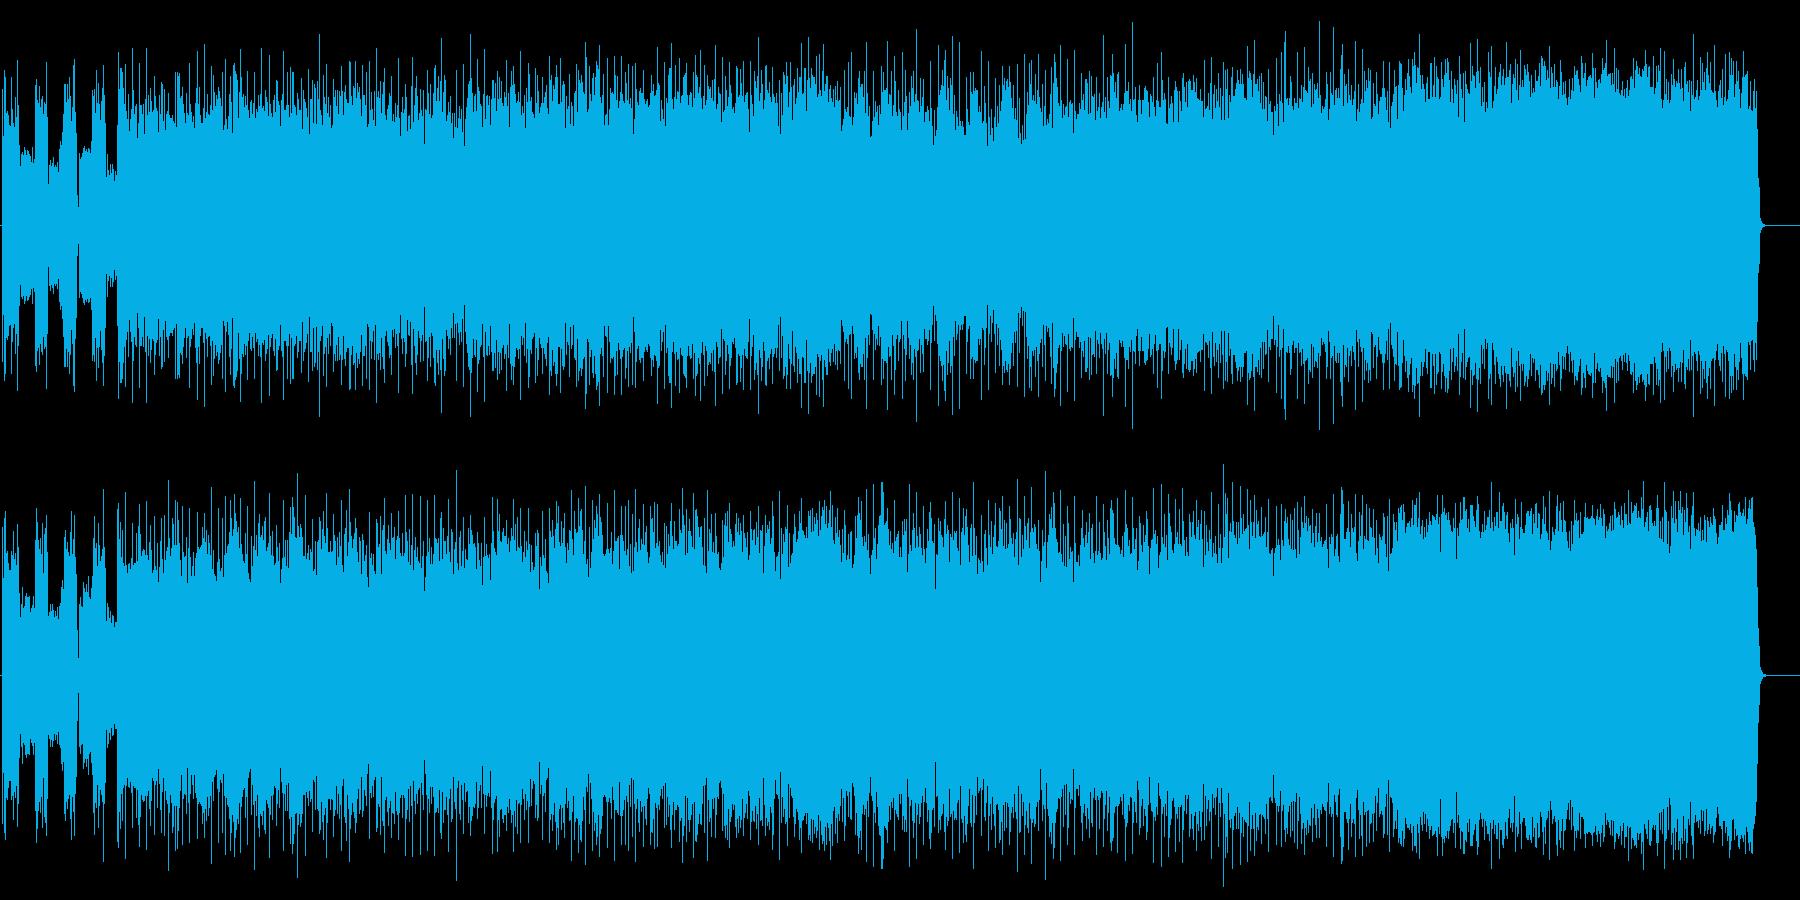 クランチギターが渋いアメリカンロックの再生済みの波形